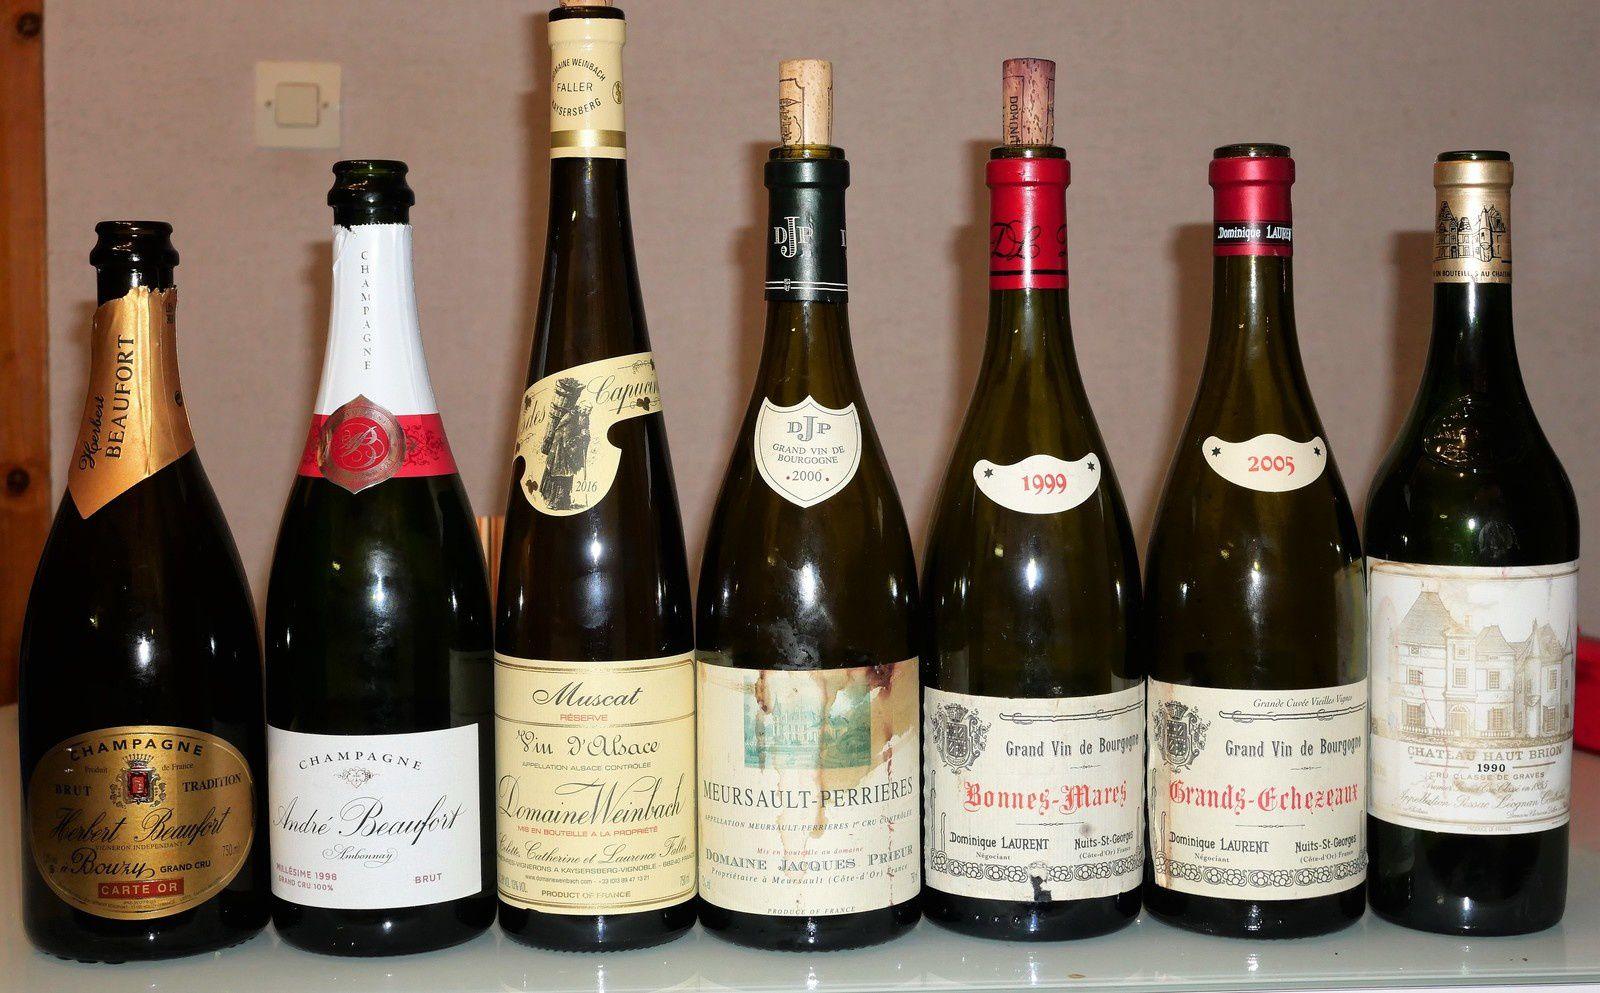 Repas dégustation avec Champagne Herbert Beaufort, Anfré Beaufort, Weinbach, Prieur, Dom. Laurent, Haut-Brion